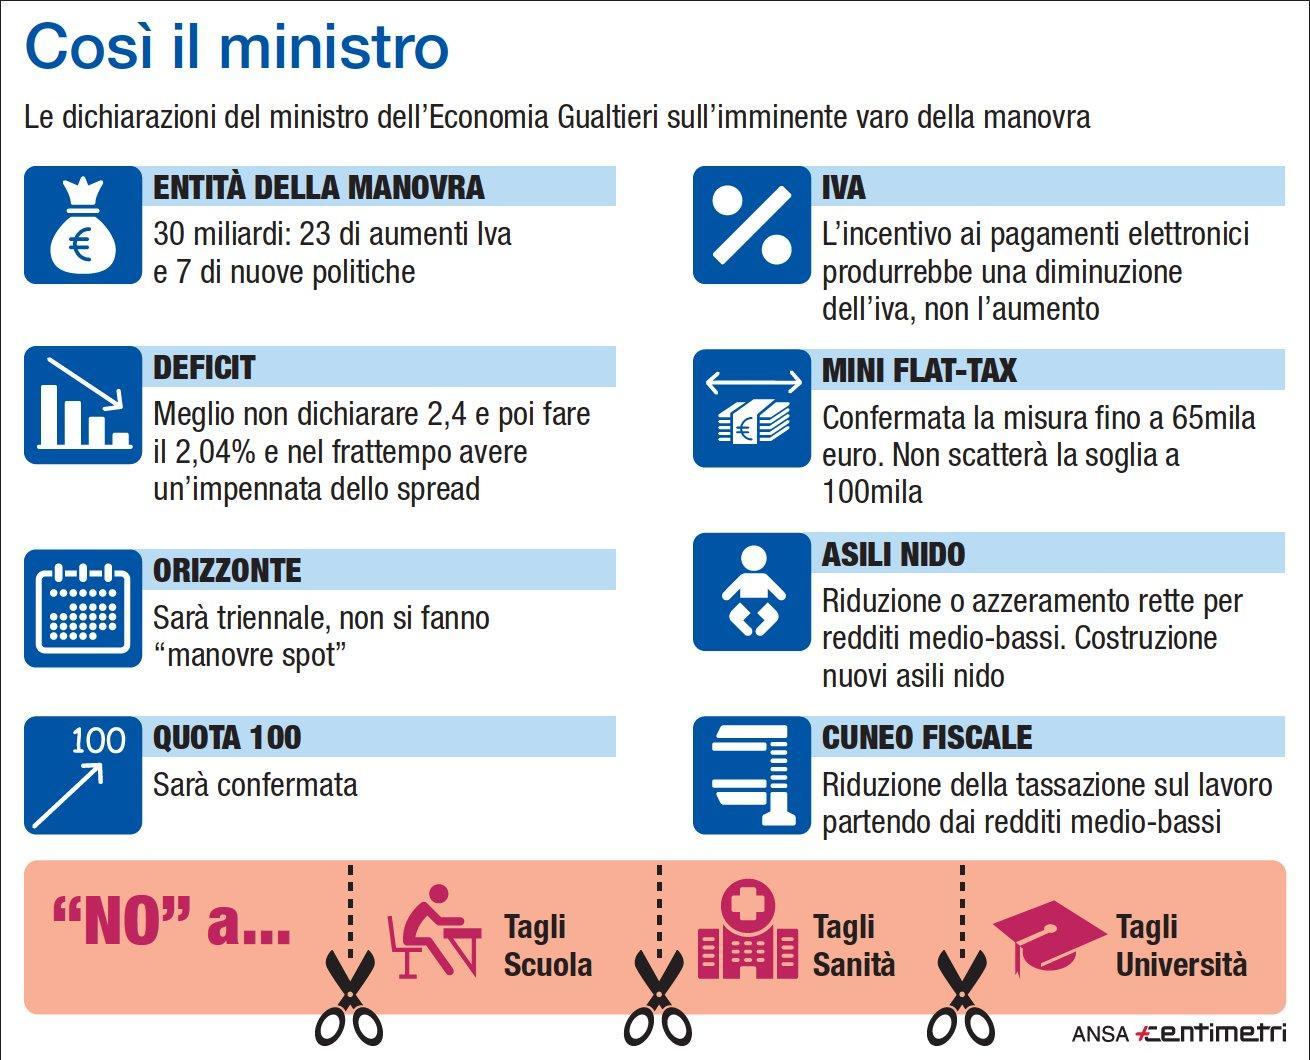 Manovra, Gualtieri:  Sarà da 30 miliardi, giù cuneo fiscale